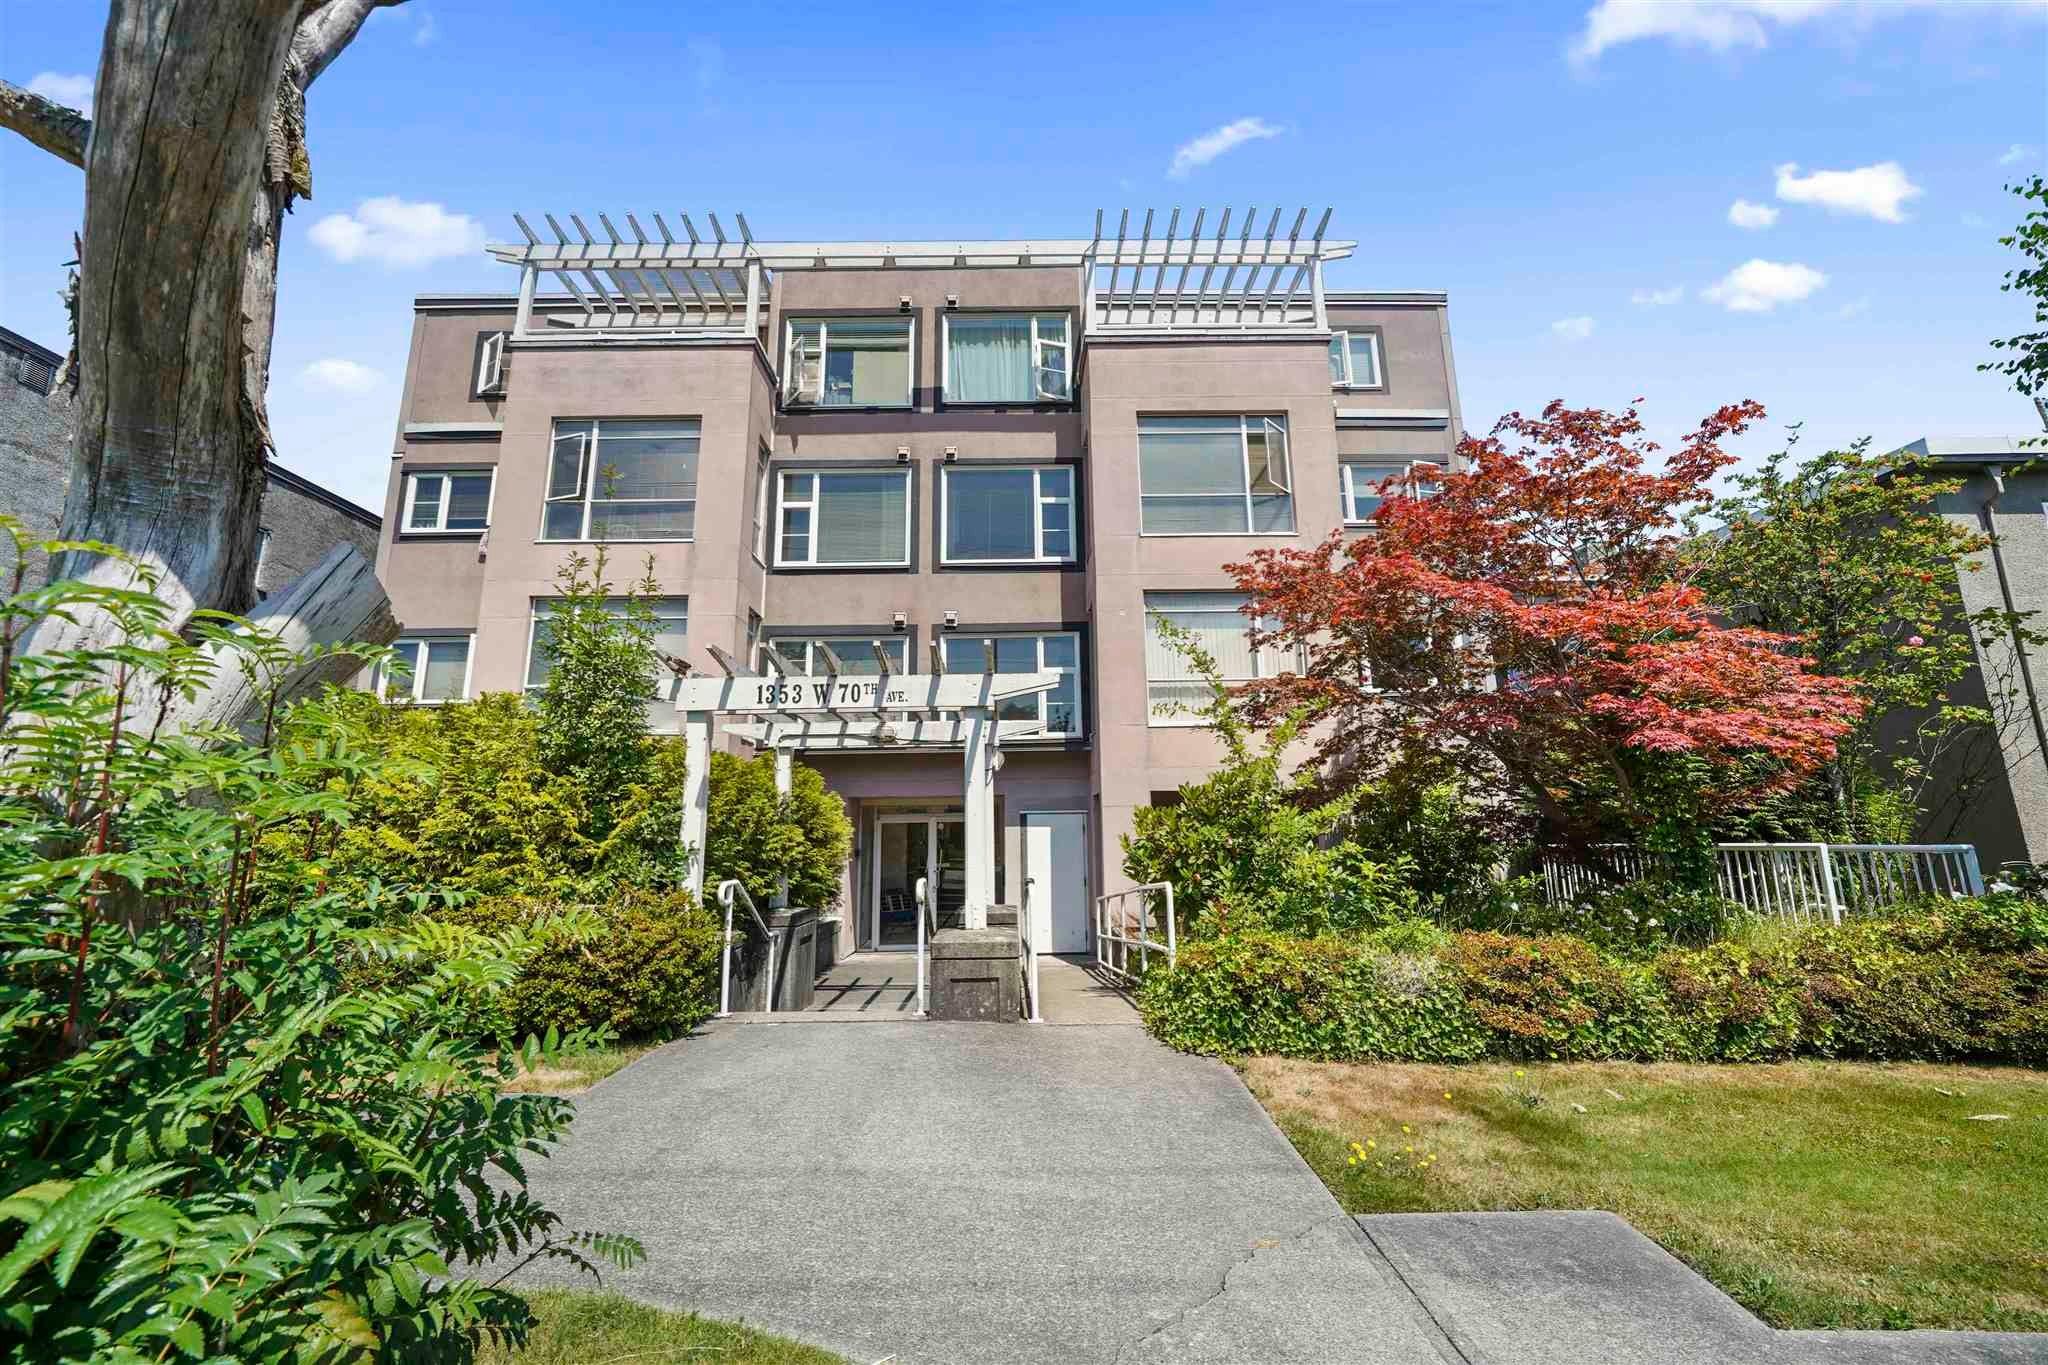 304 1353 W 70TH AVENUE - Marpole Apartment/Condo for sale, 2 Bedrooms (R2603213)